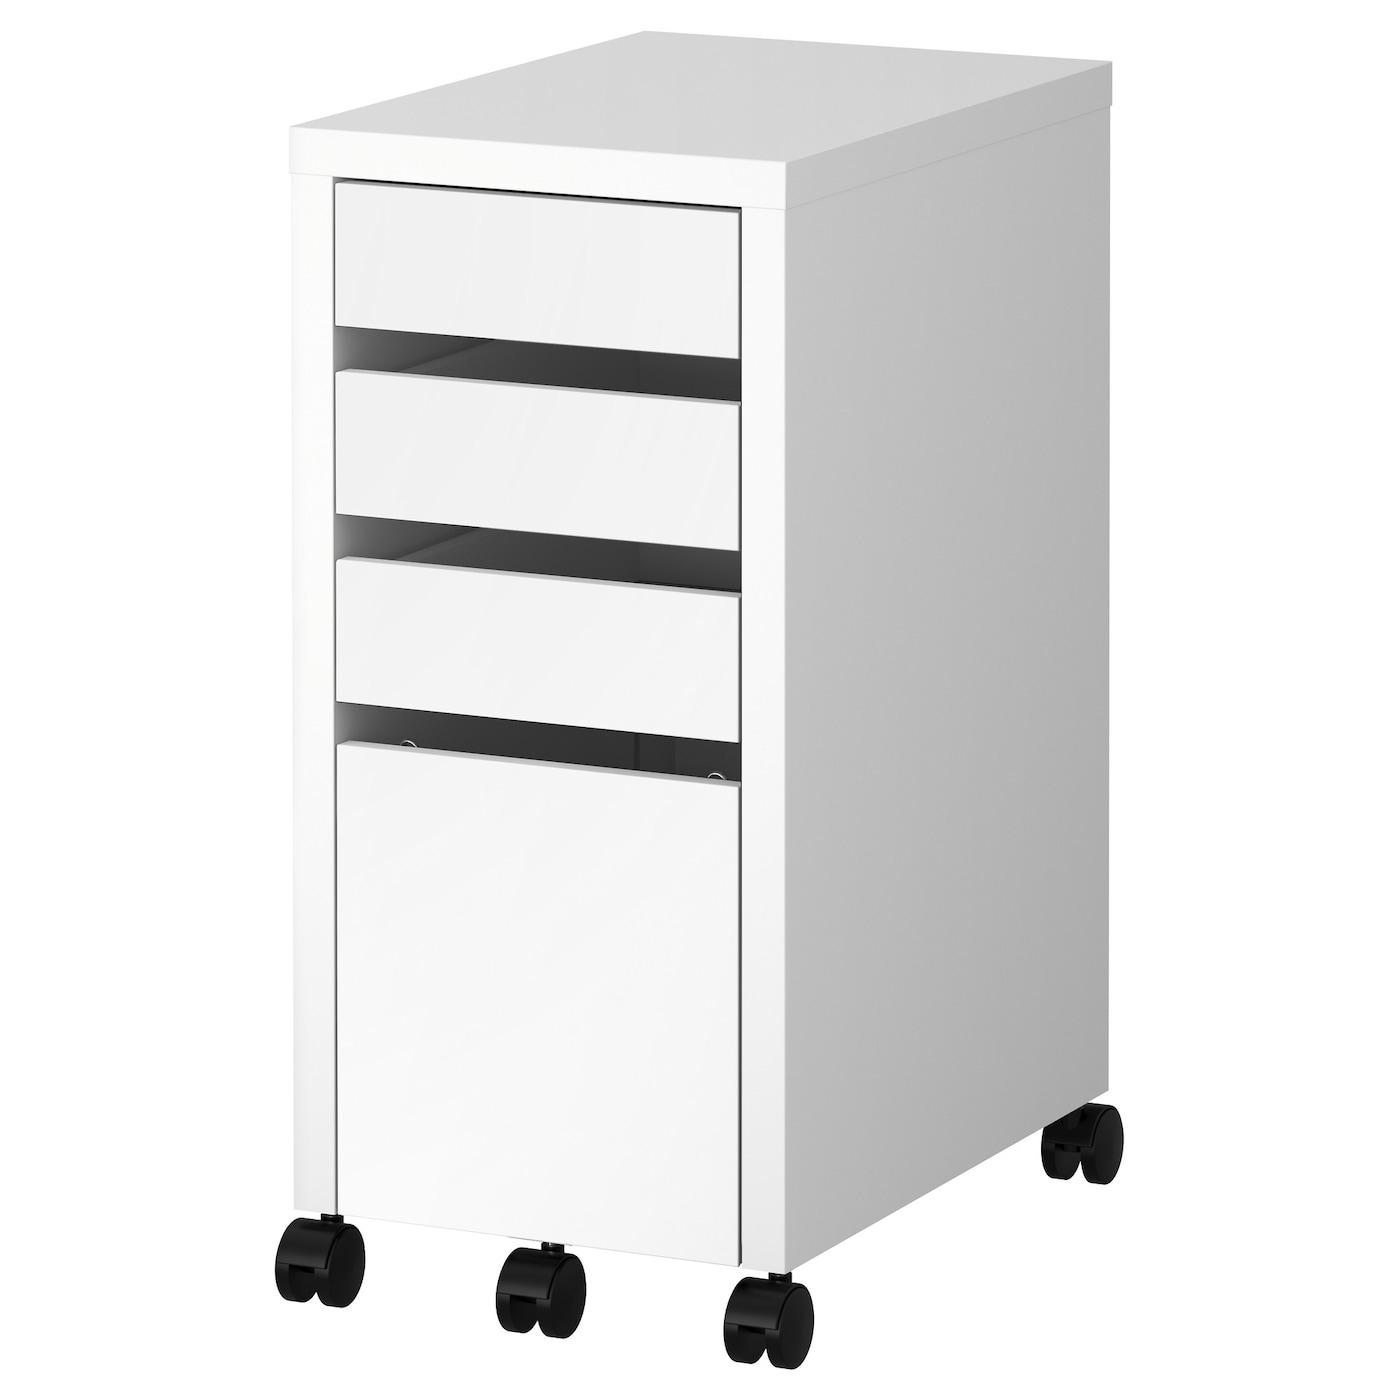 IKEA MICKE biała komoda na kółkach z miejscem na dokumenty, 35x75 cm